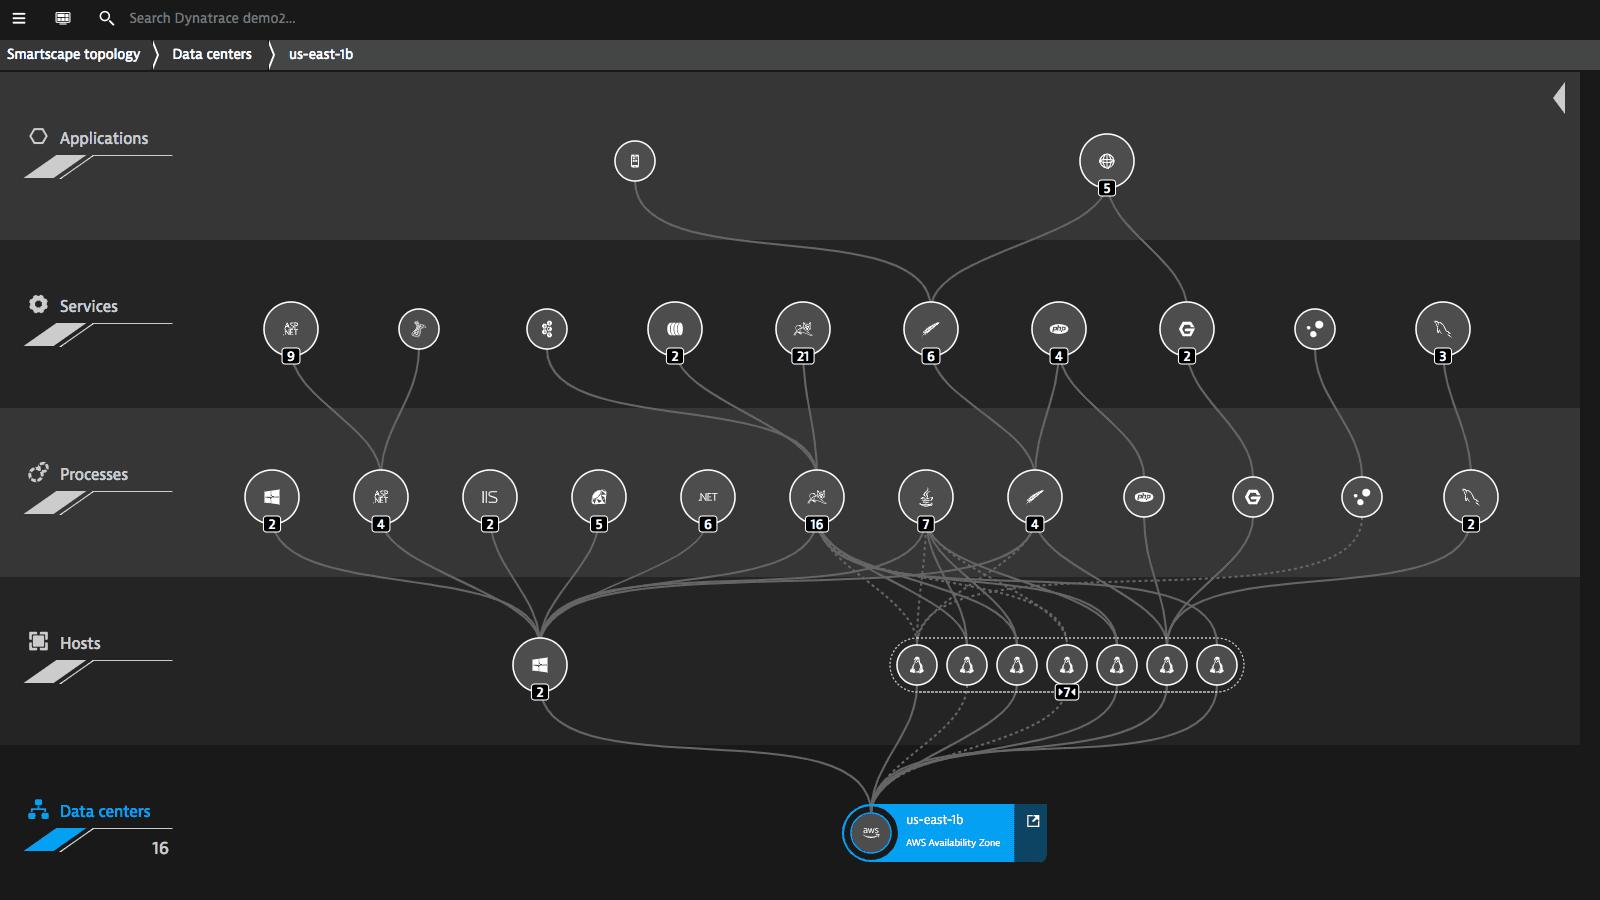 Smartscape - AWS